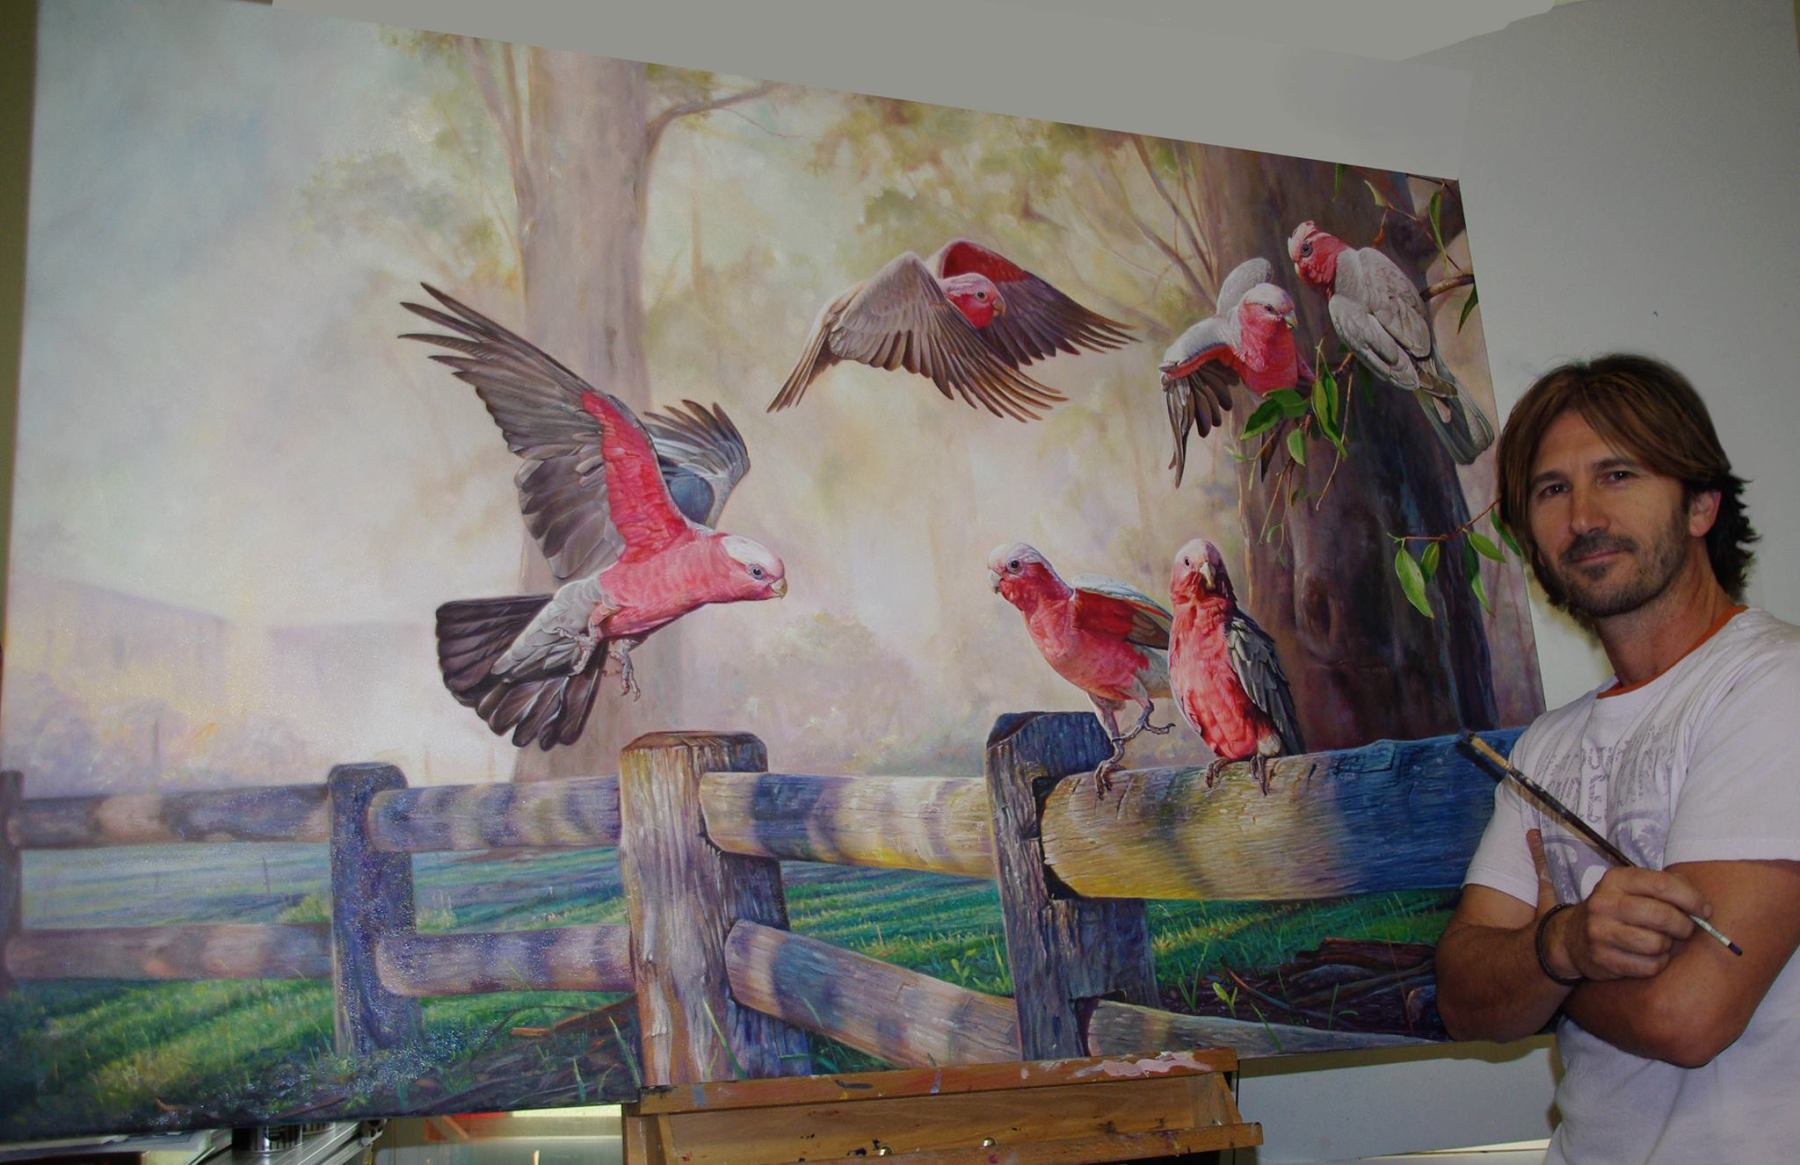 Garry galah painting